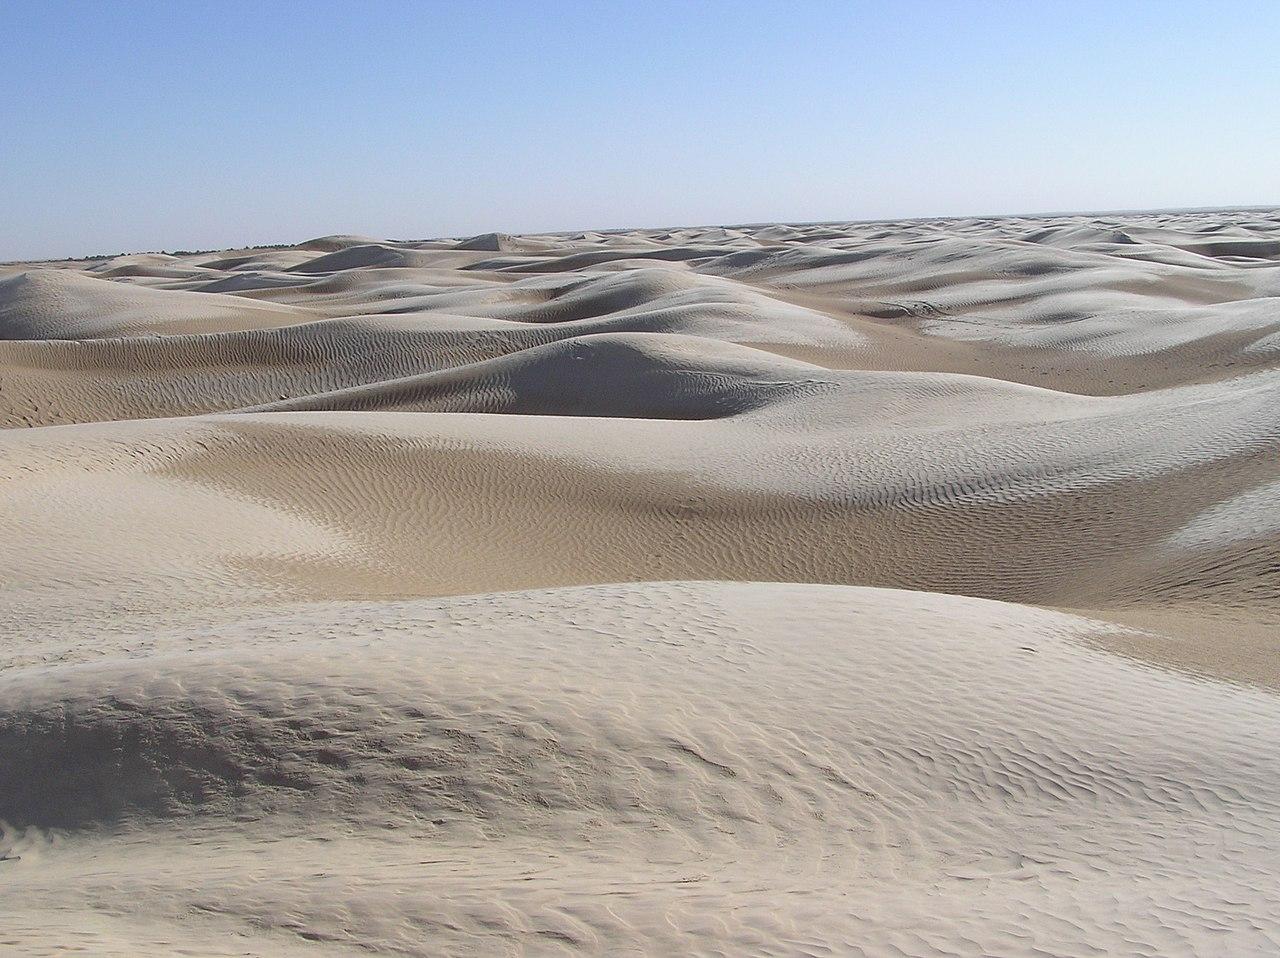 Sahara Desert by Mulleflupp Wikimedia Commons